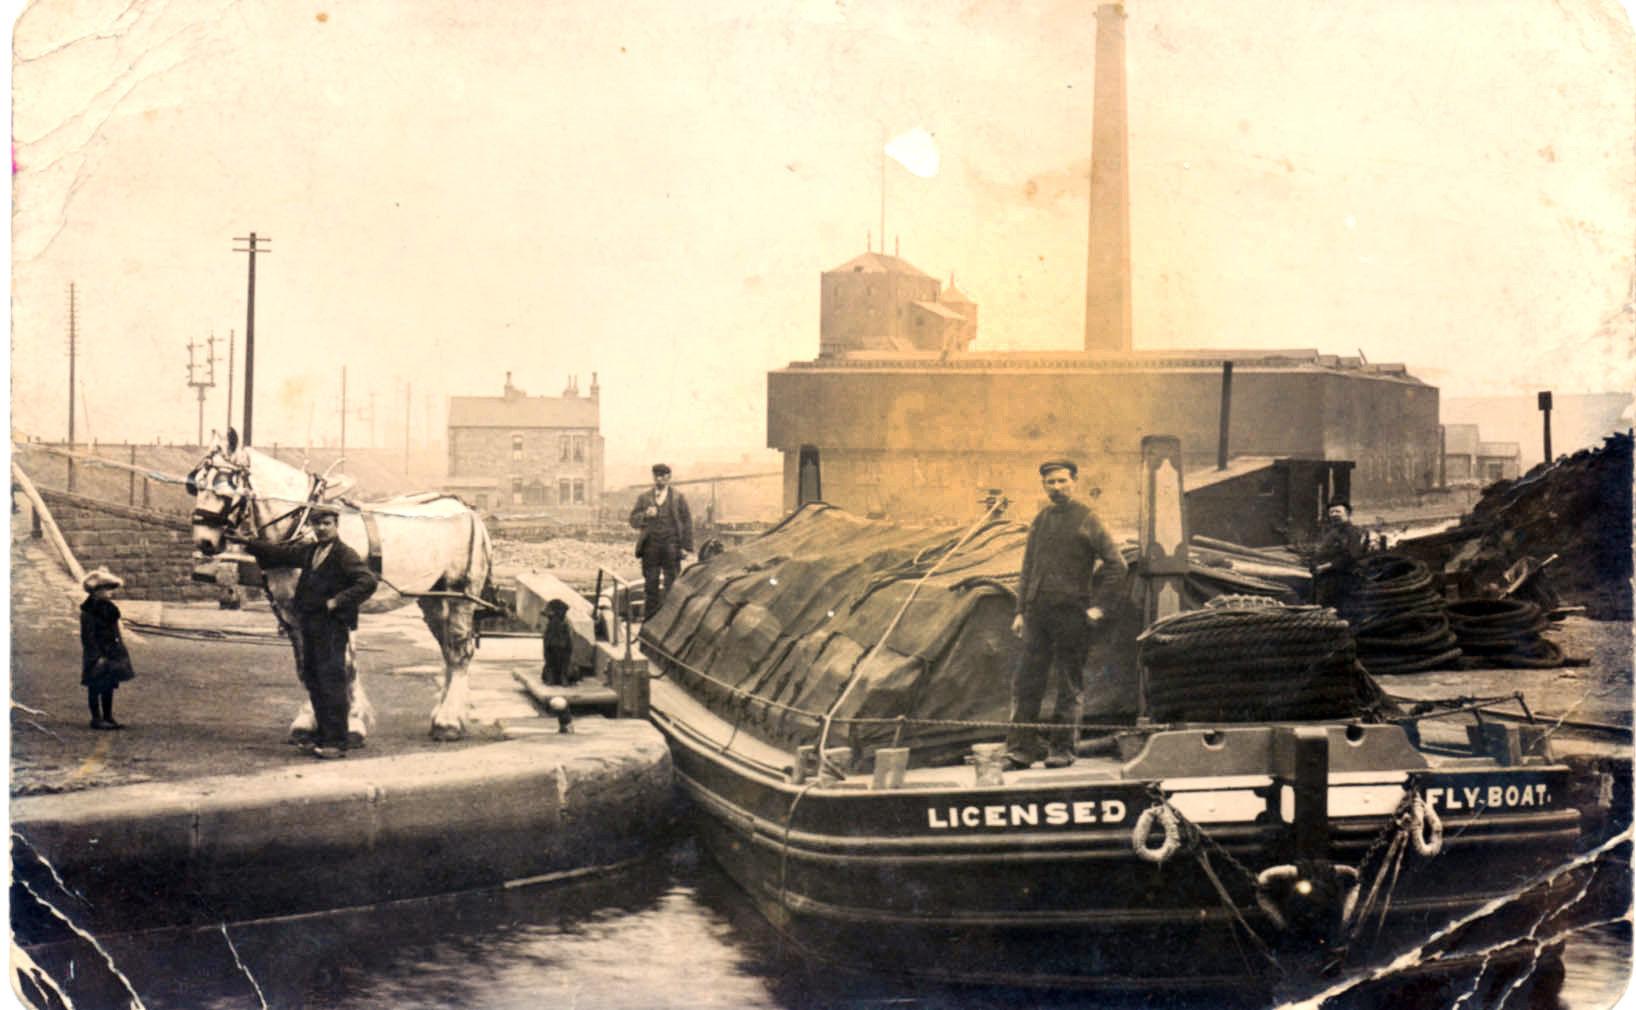 flyboat nr Dewsbury.jpg